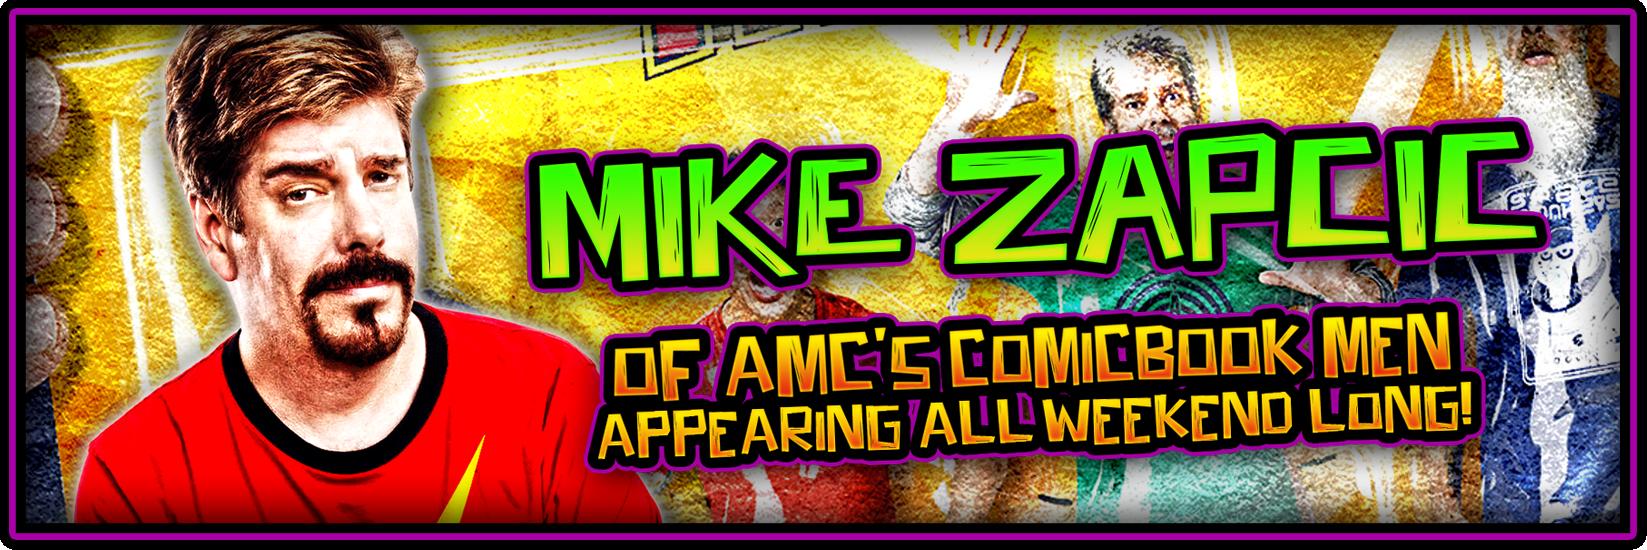 Mike-Zapcic-Website-Banner.png